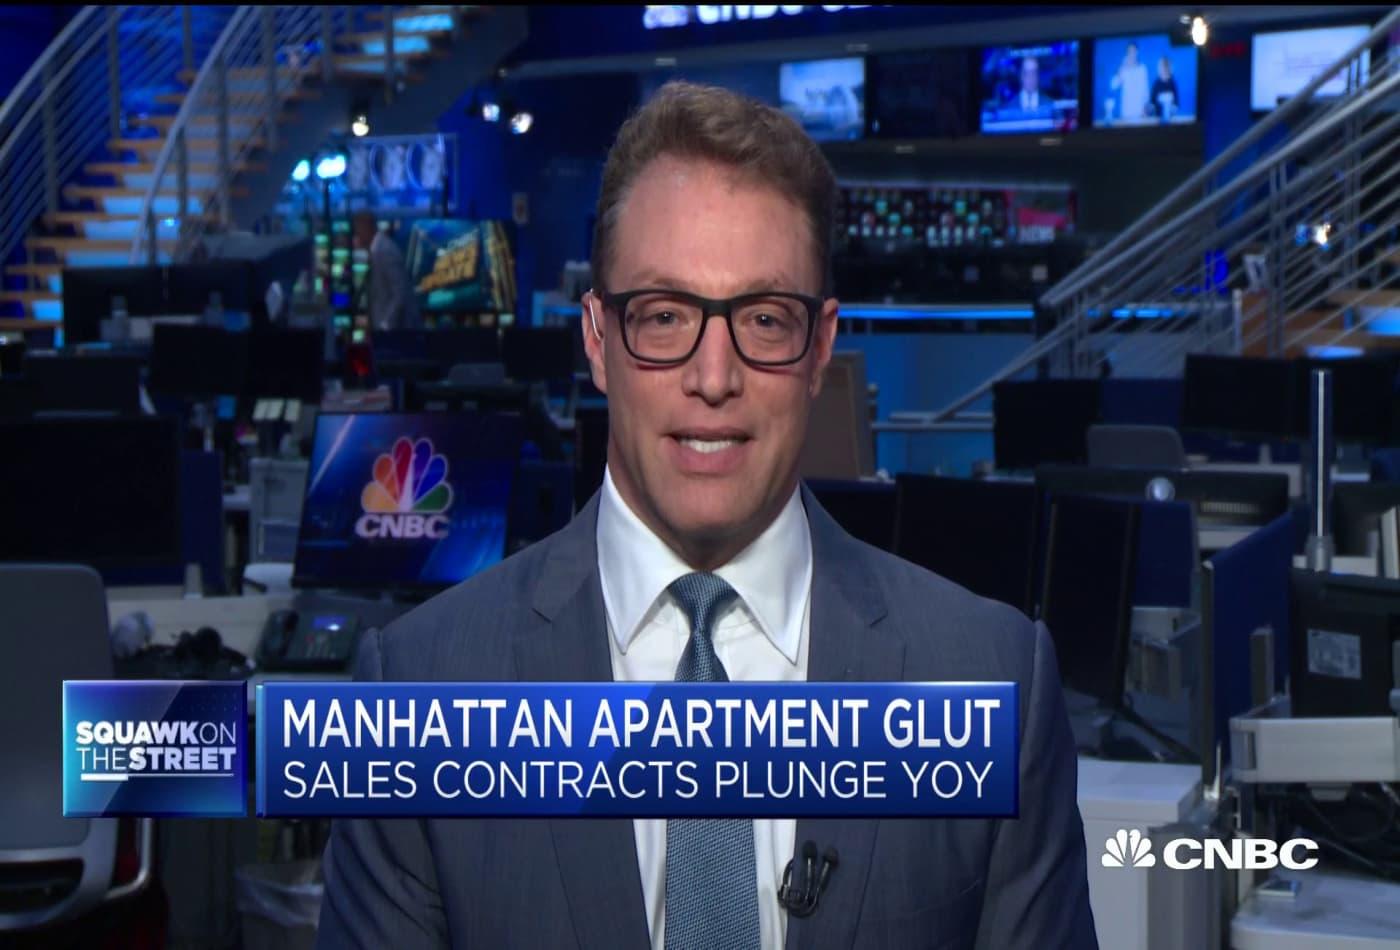 Manhattan apartment sales plunge due to Covid-19